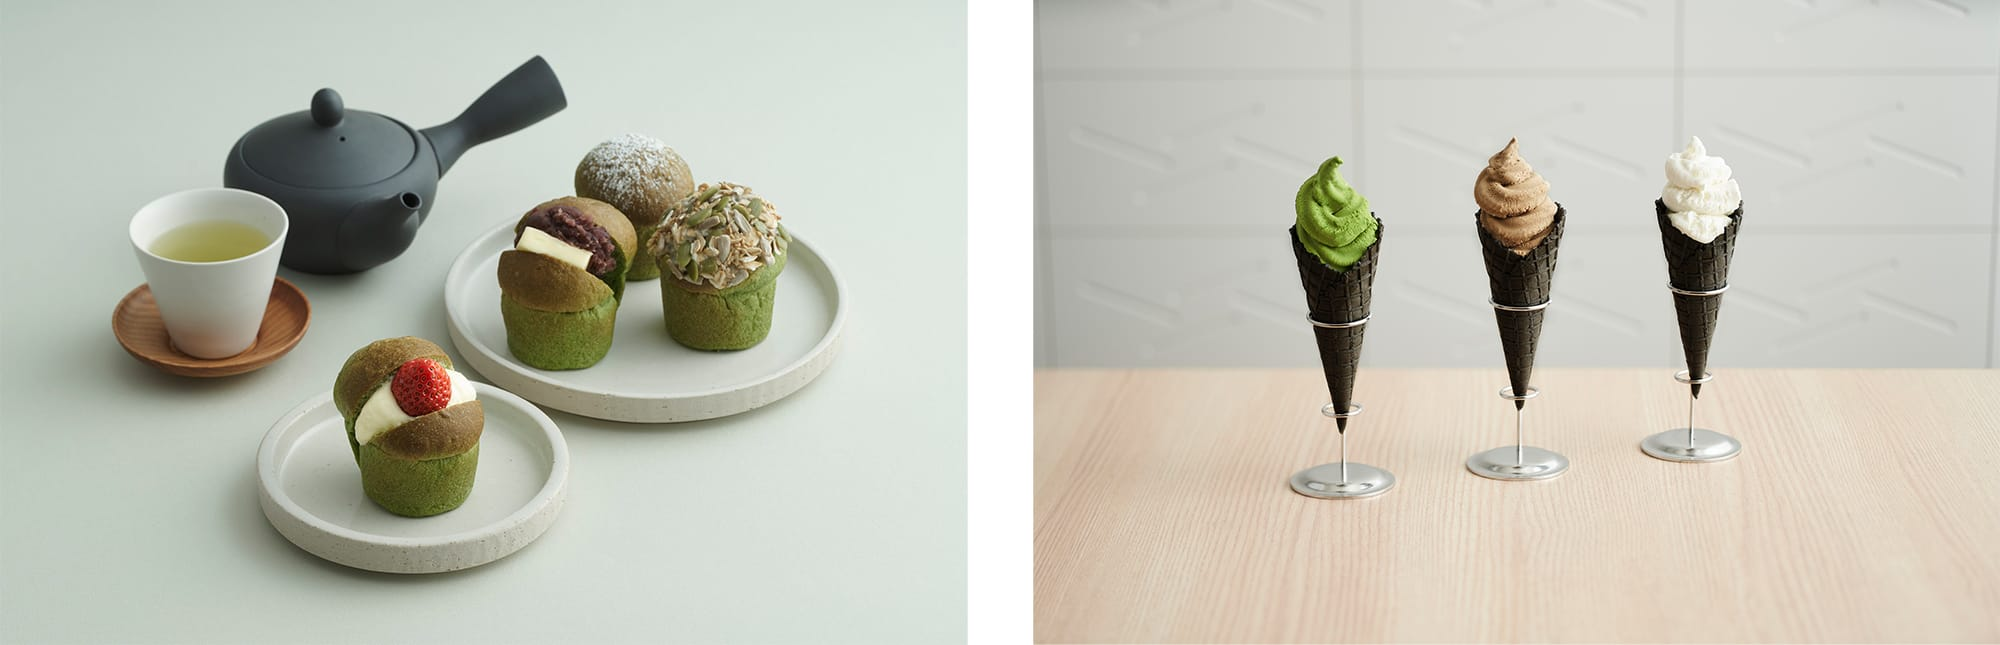 左:静岡産抹茶の鮮やかな緑色が美しい「抹茶パン」(300円〜)右:宇治抹茶を3.5%も使用した「濃茶ジェラート」(450円)など、ジェラートも人気。